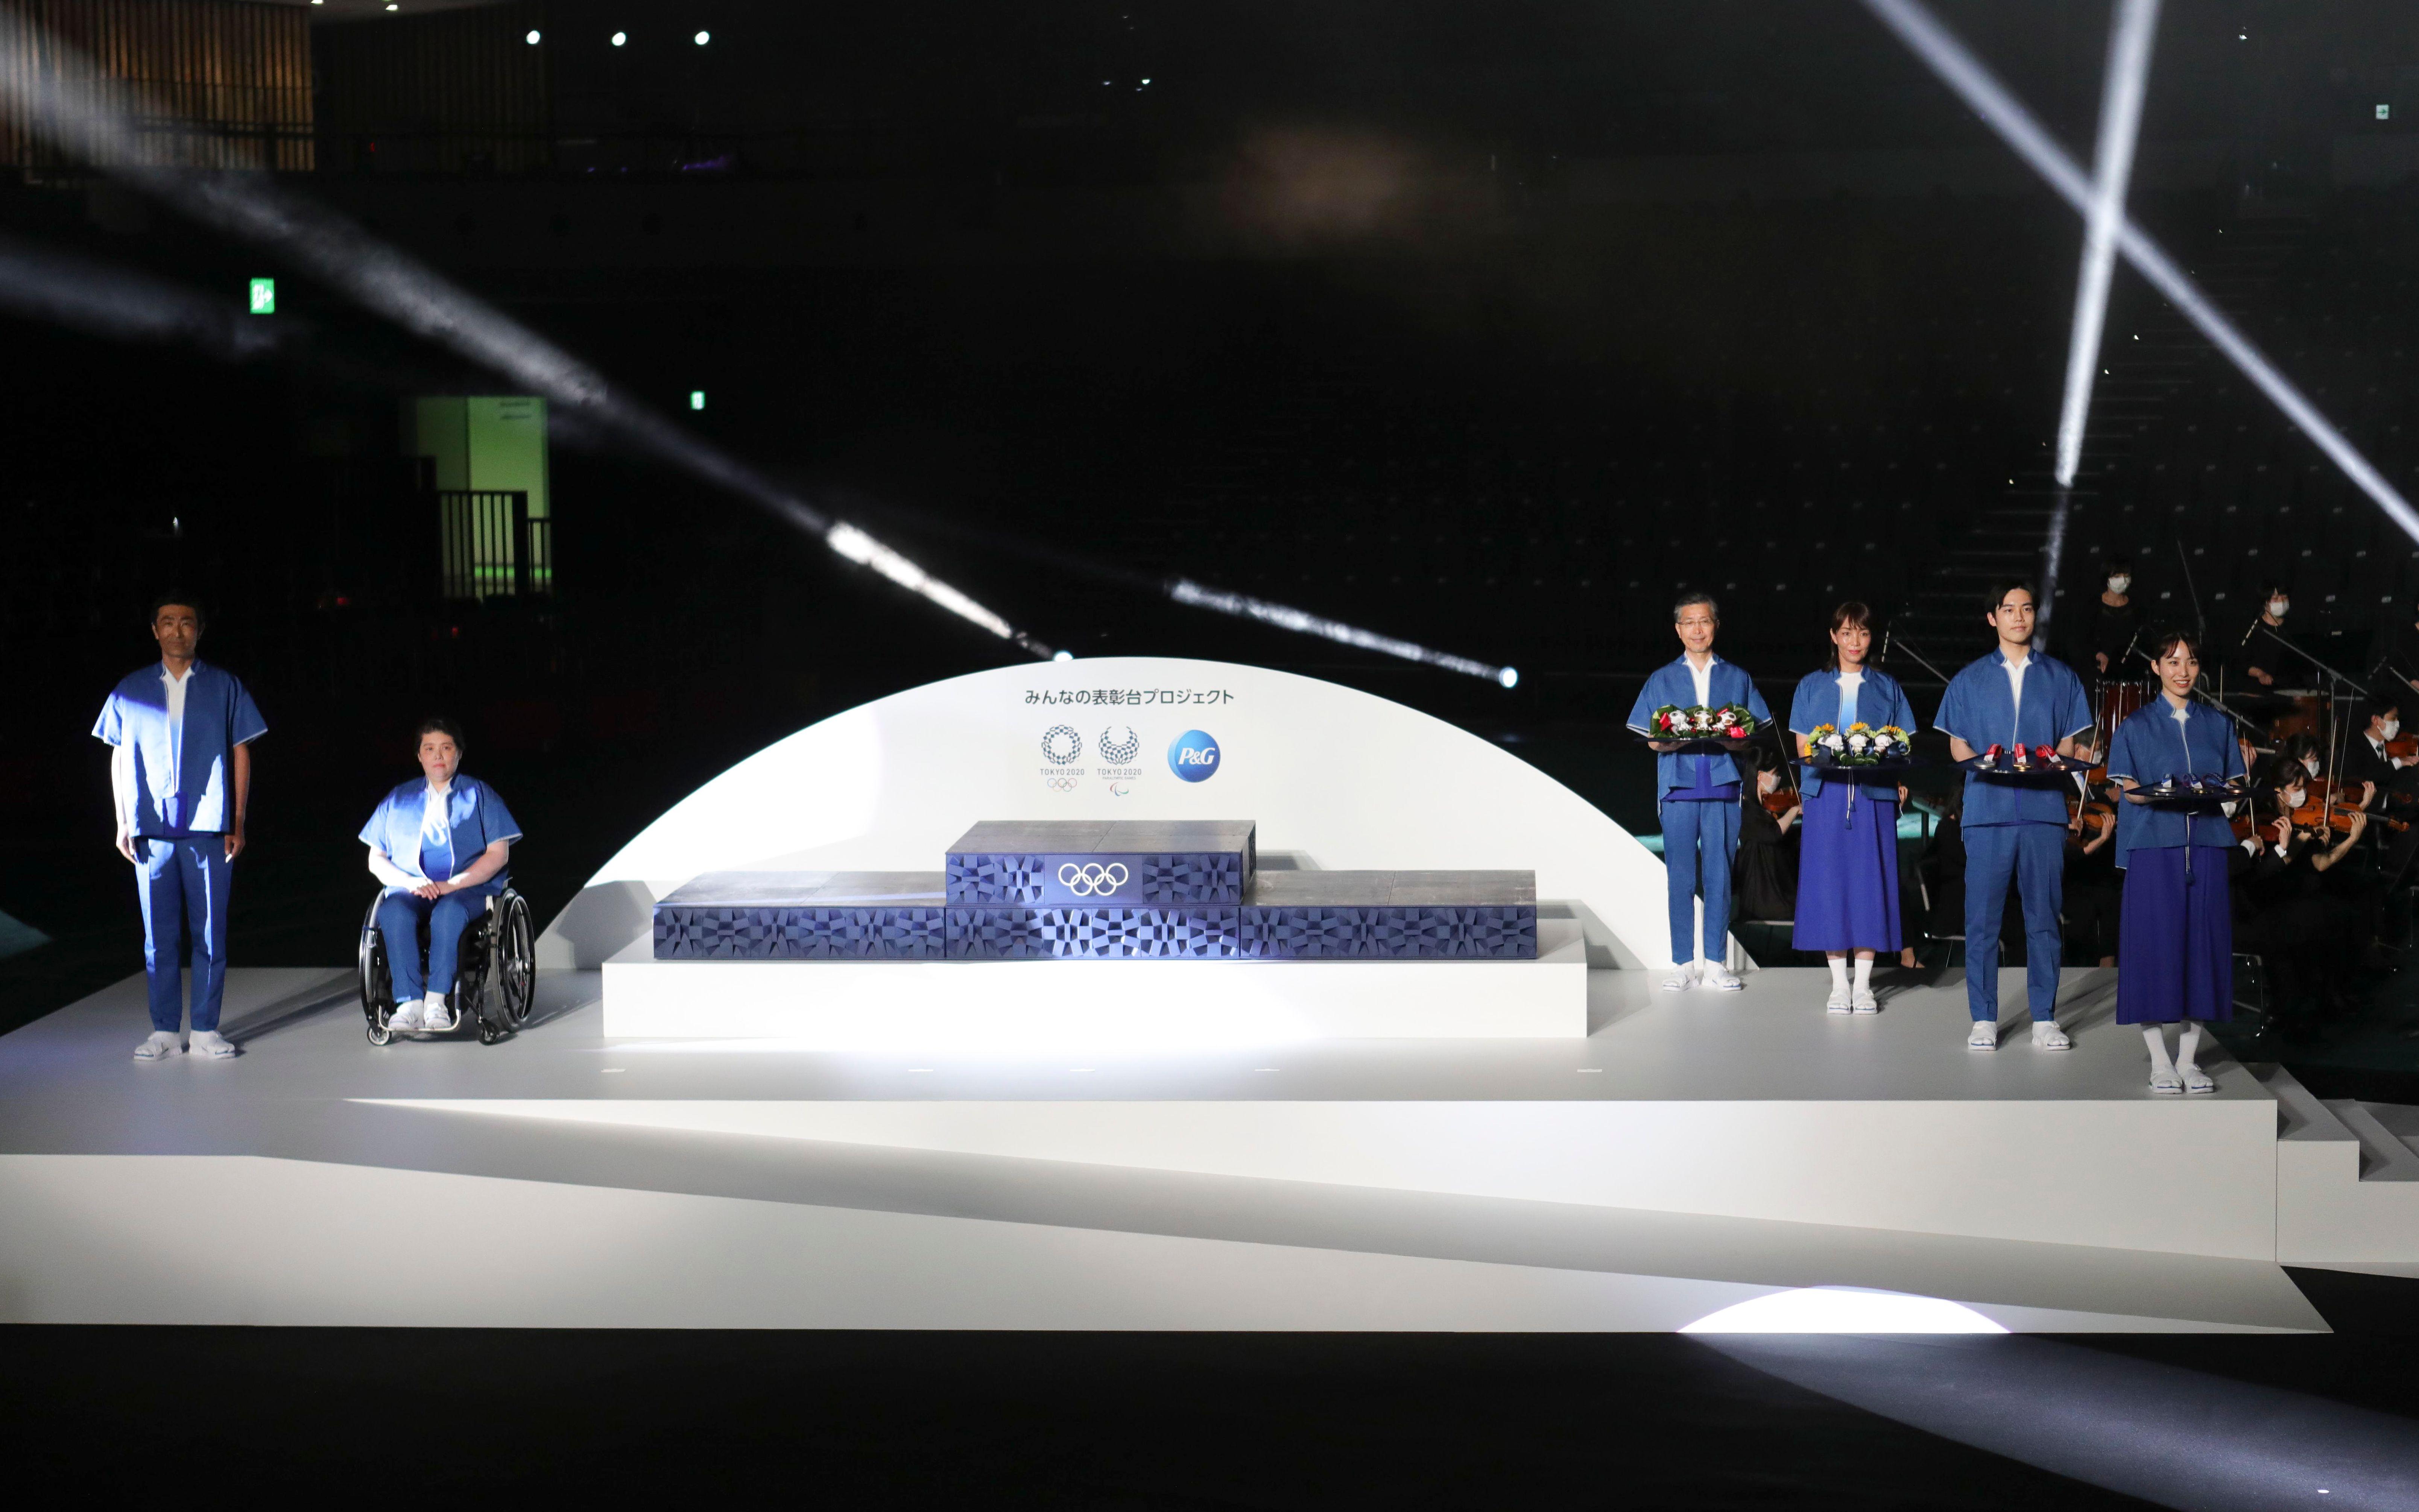 东京奥运会领奖台亮相。(图/新华社)